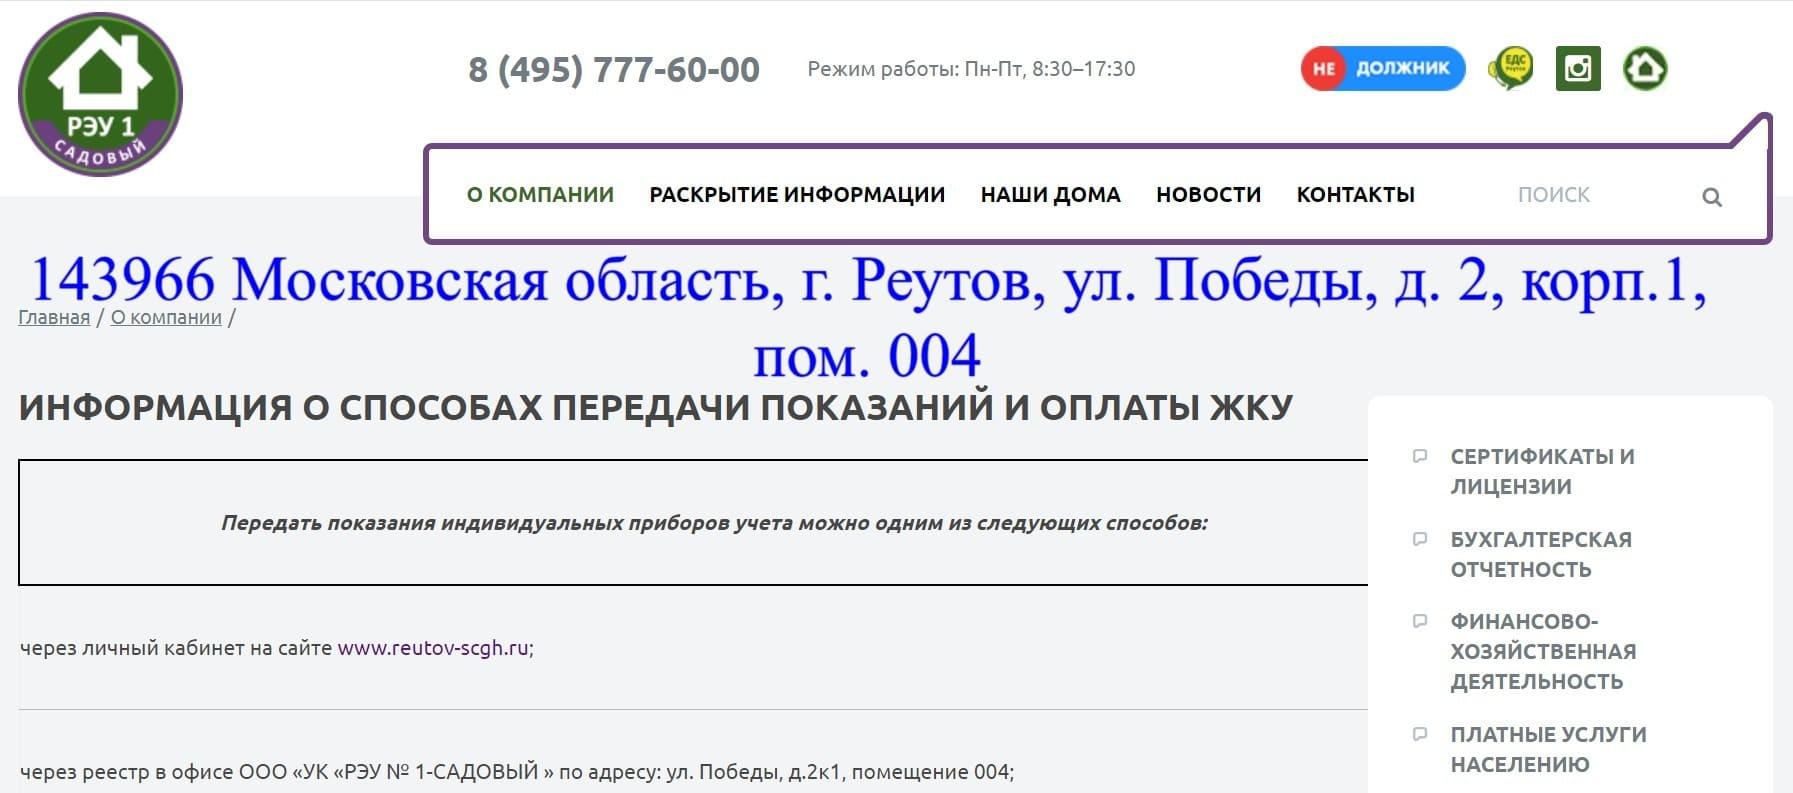 Реутов Садовый личный кабинет